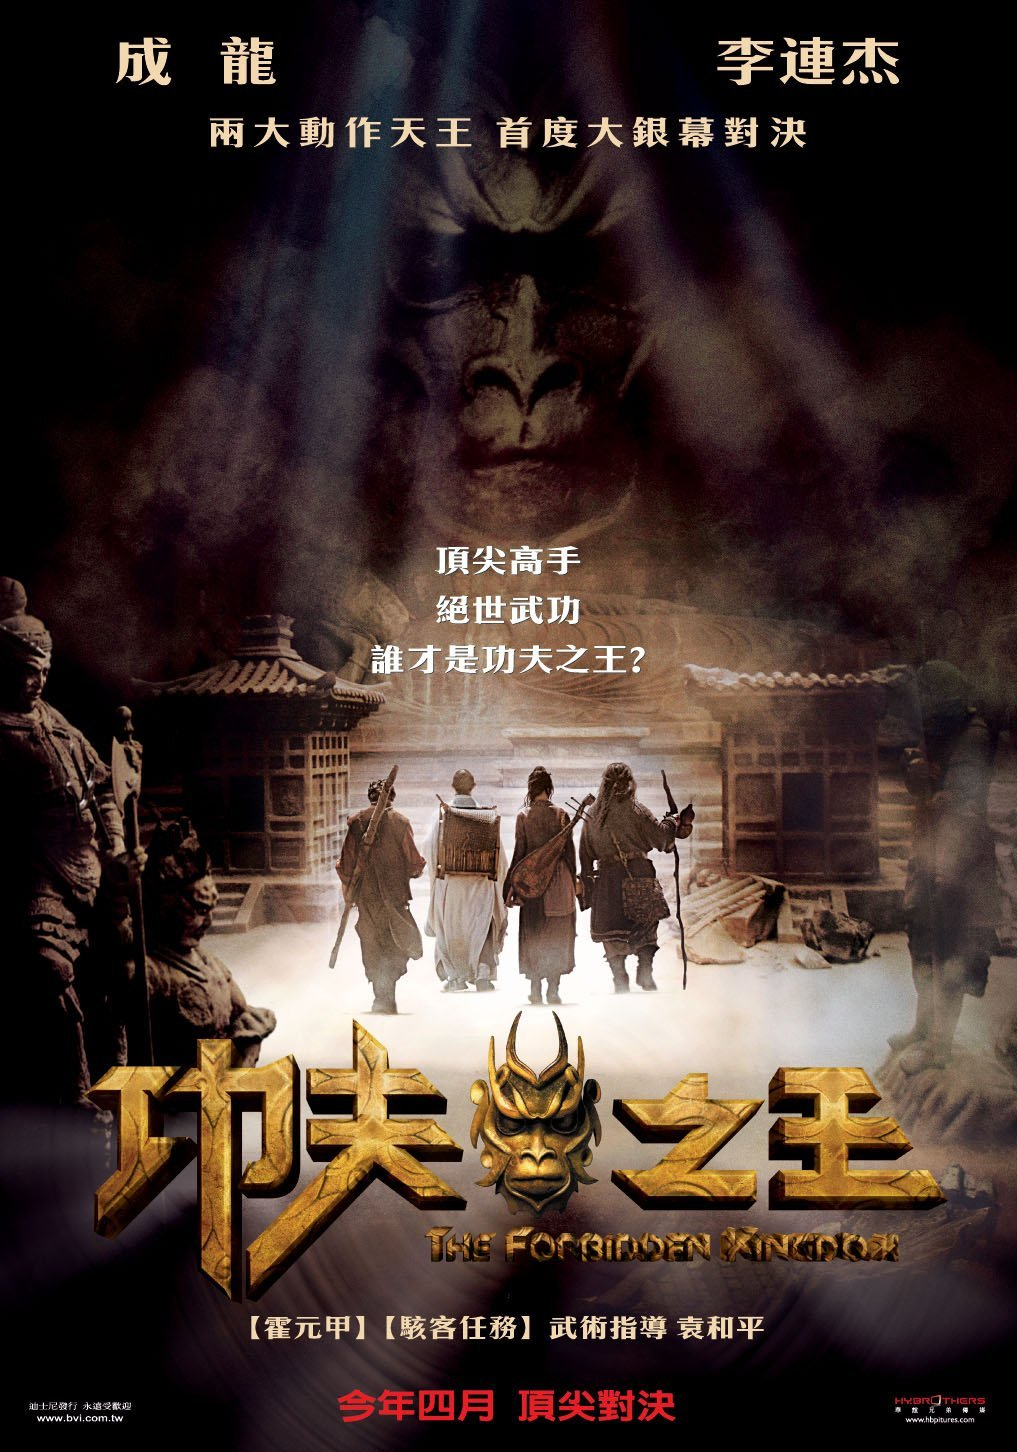 furbiden kingdom full movie